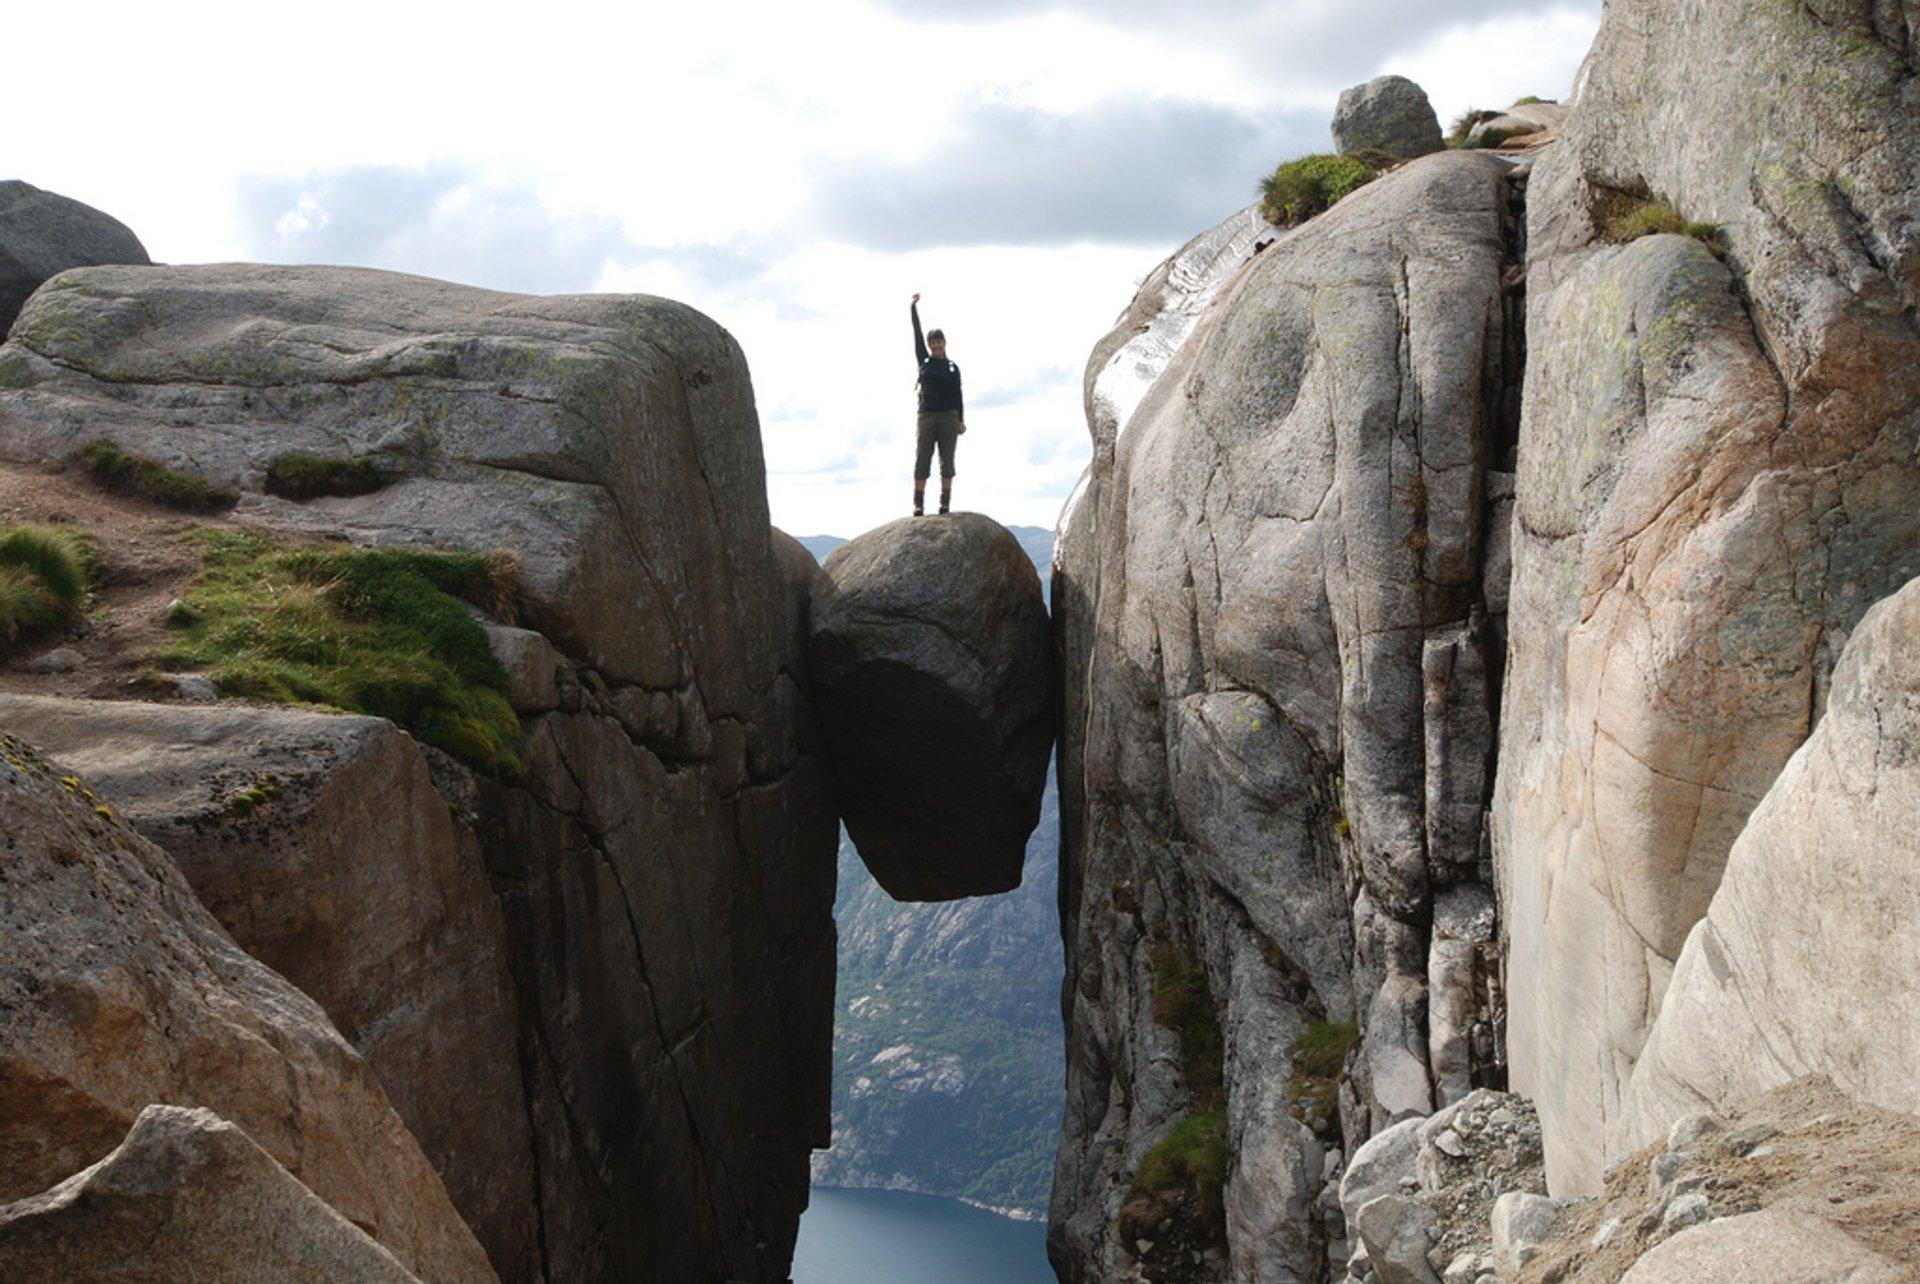 Kjeragbolten Hike in Norway - Best Time